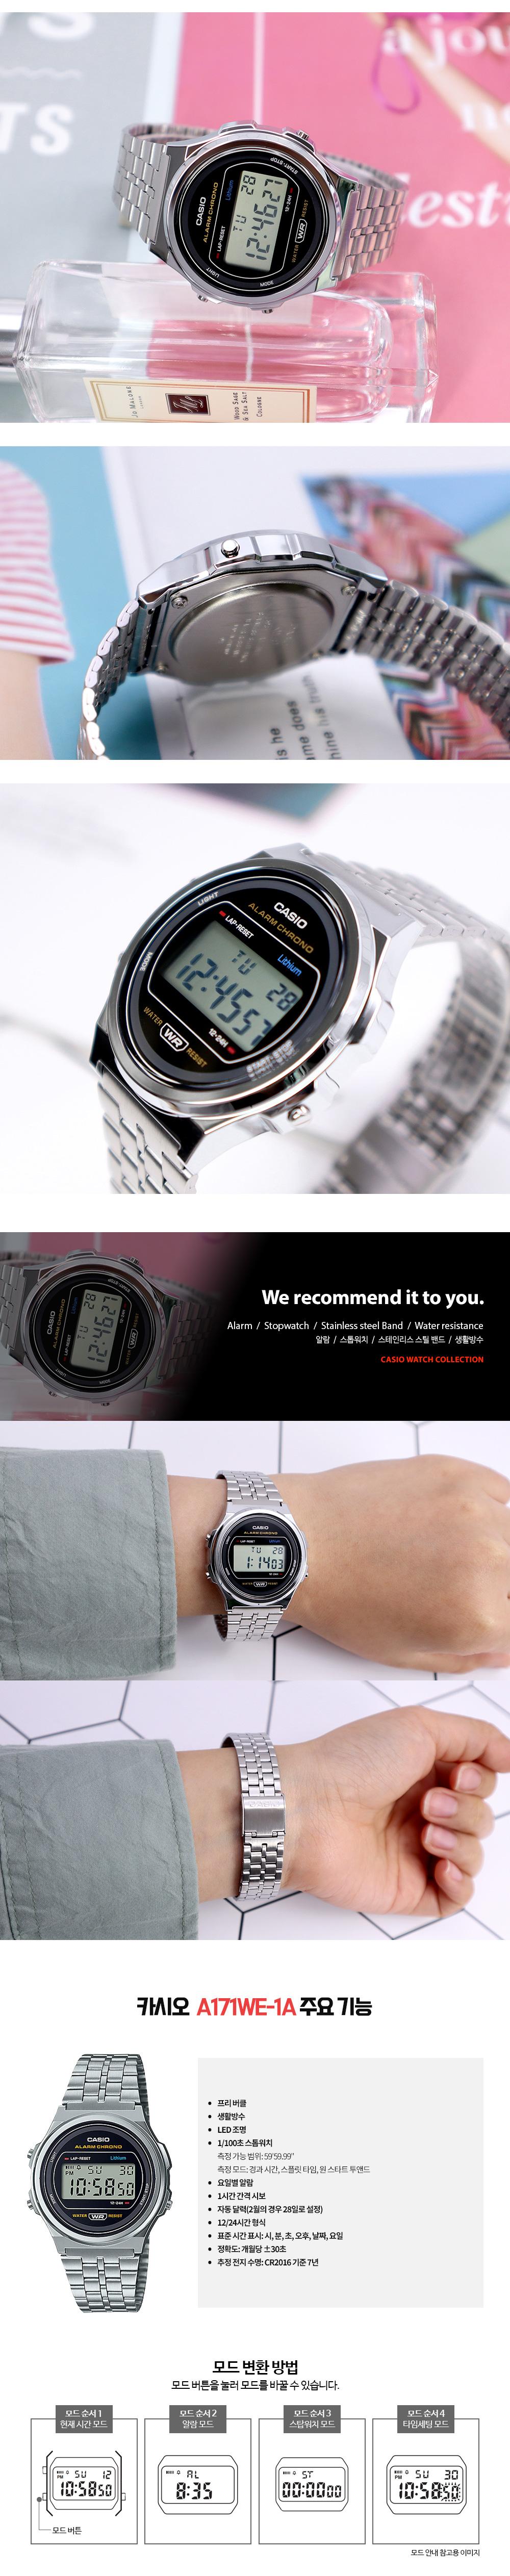 카시오(CASIO) 빈티지 공용 메탈 손목 시계 A171WE-1A